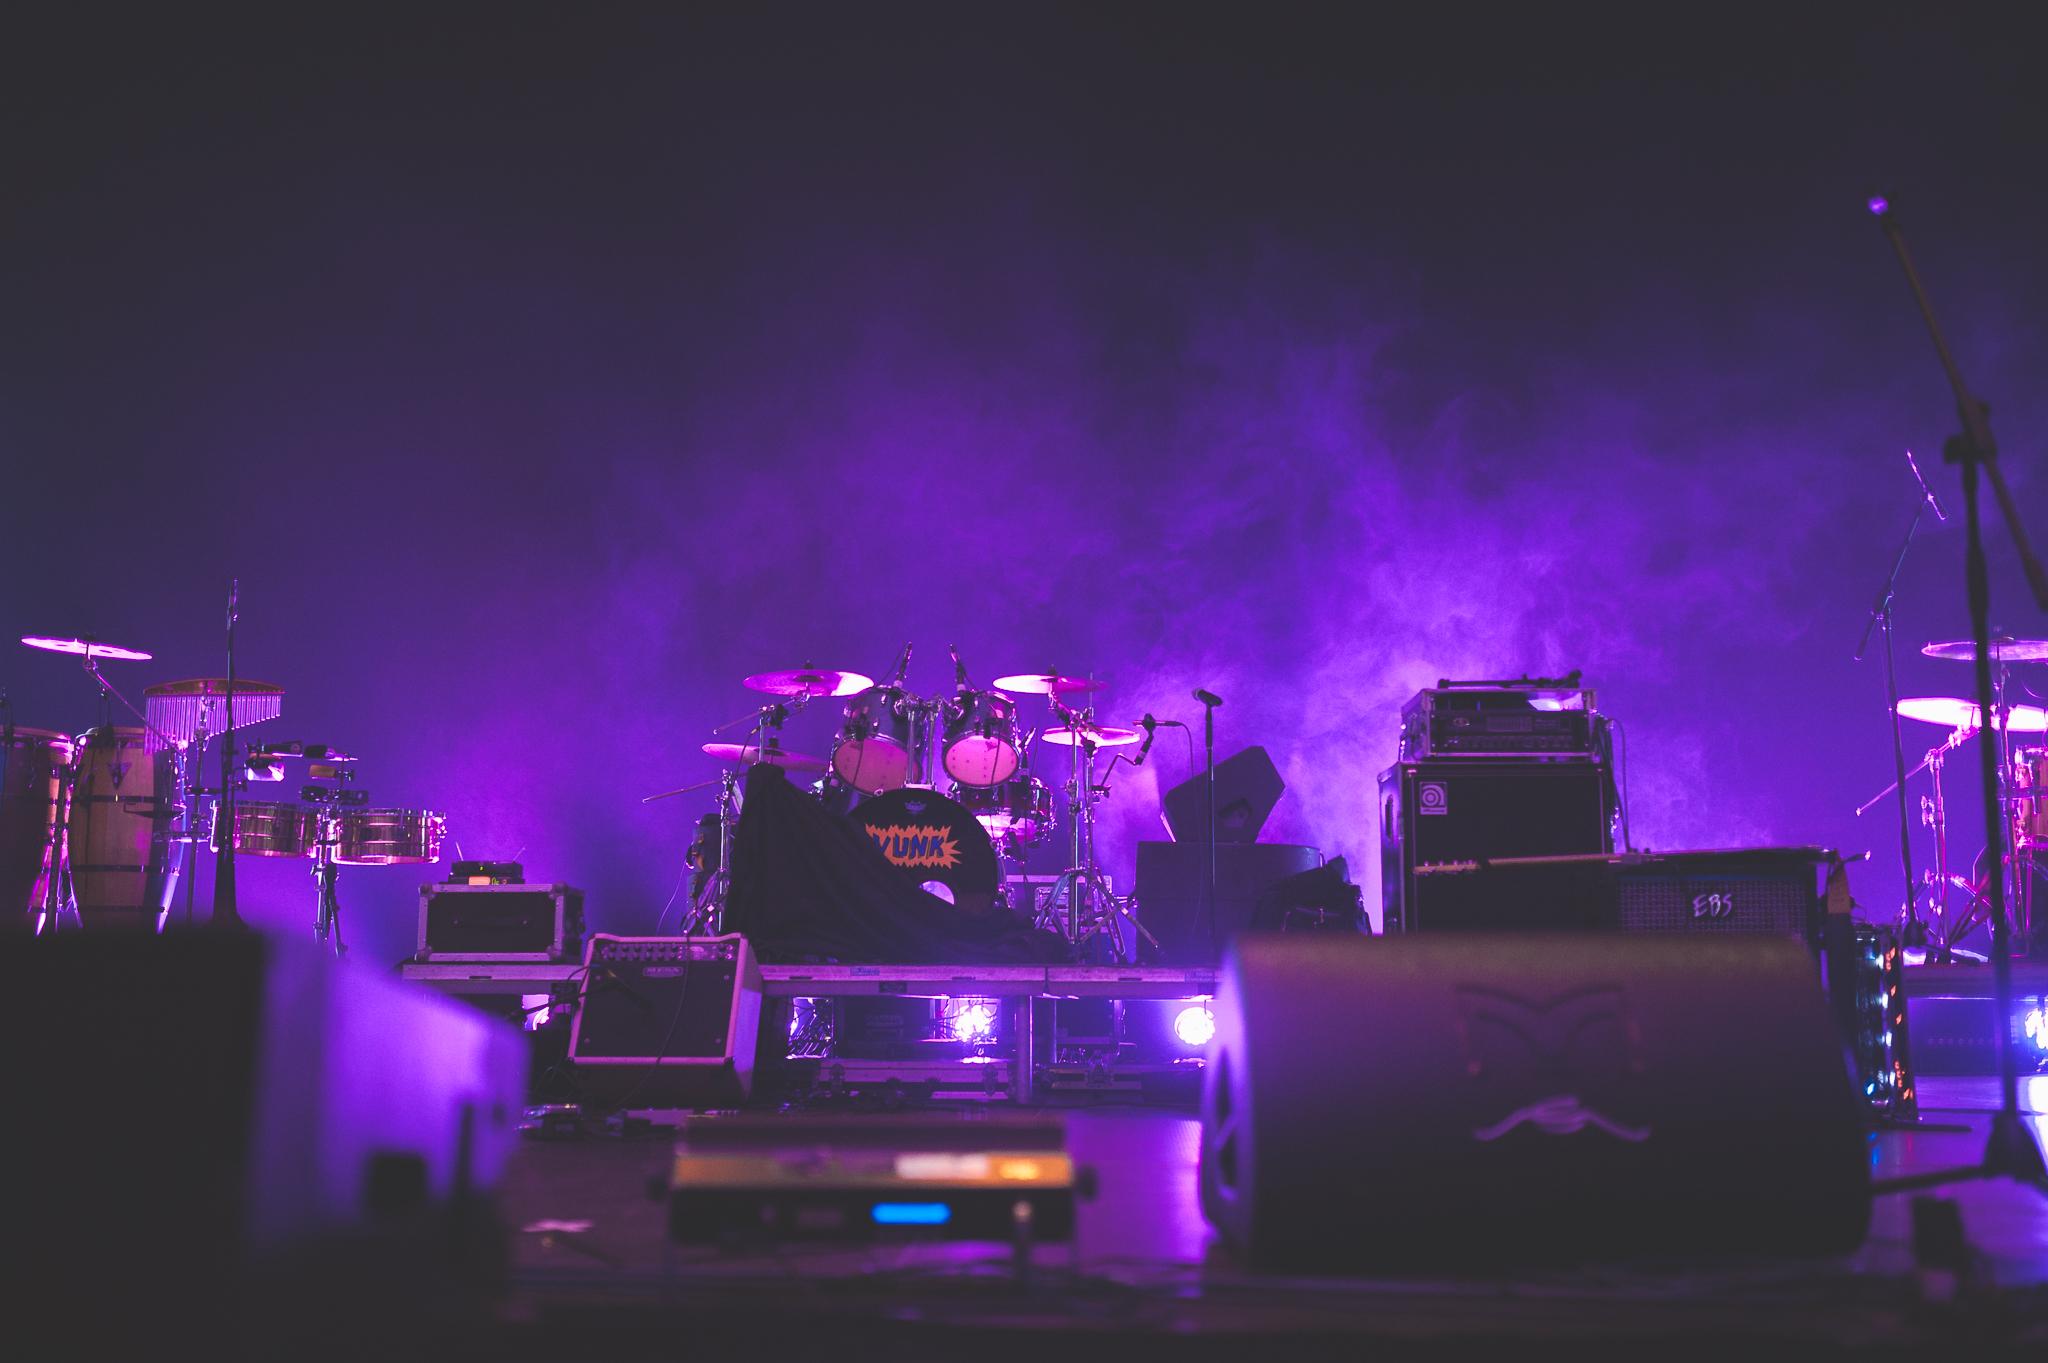 concert-vunk-unifest-low-res-1